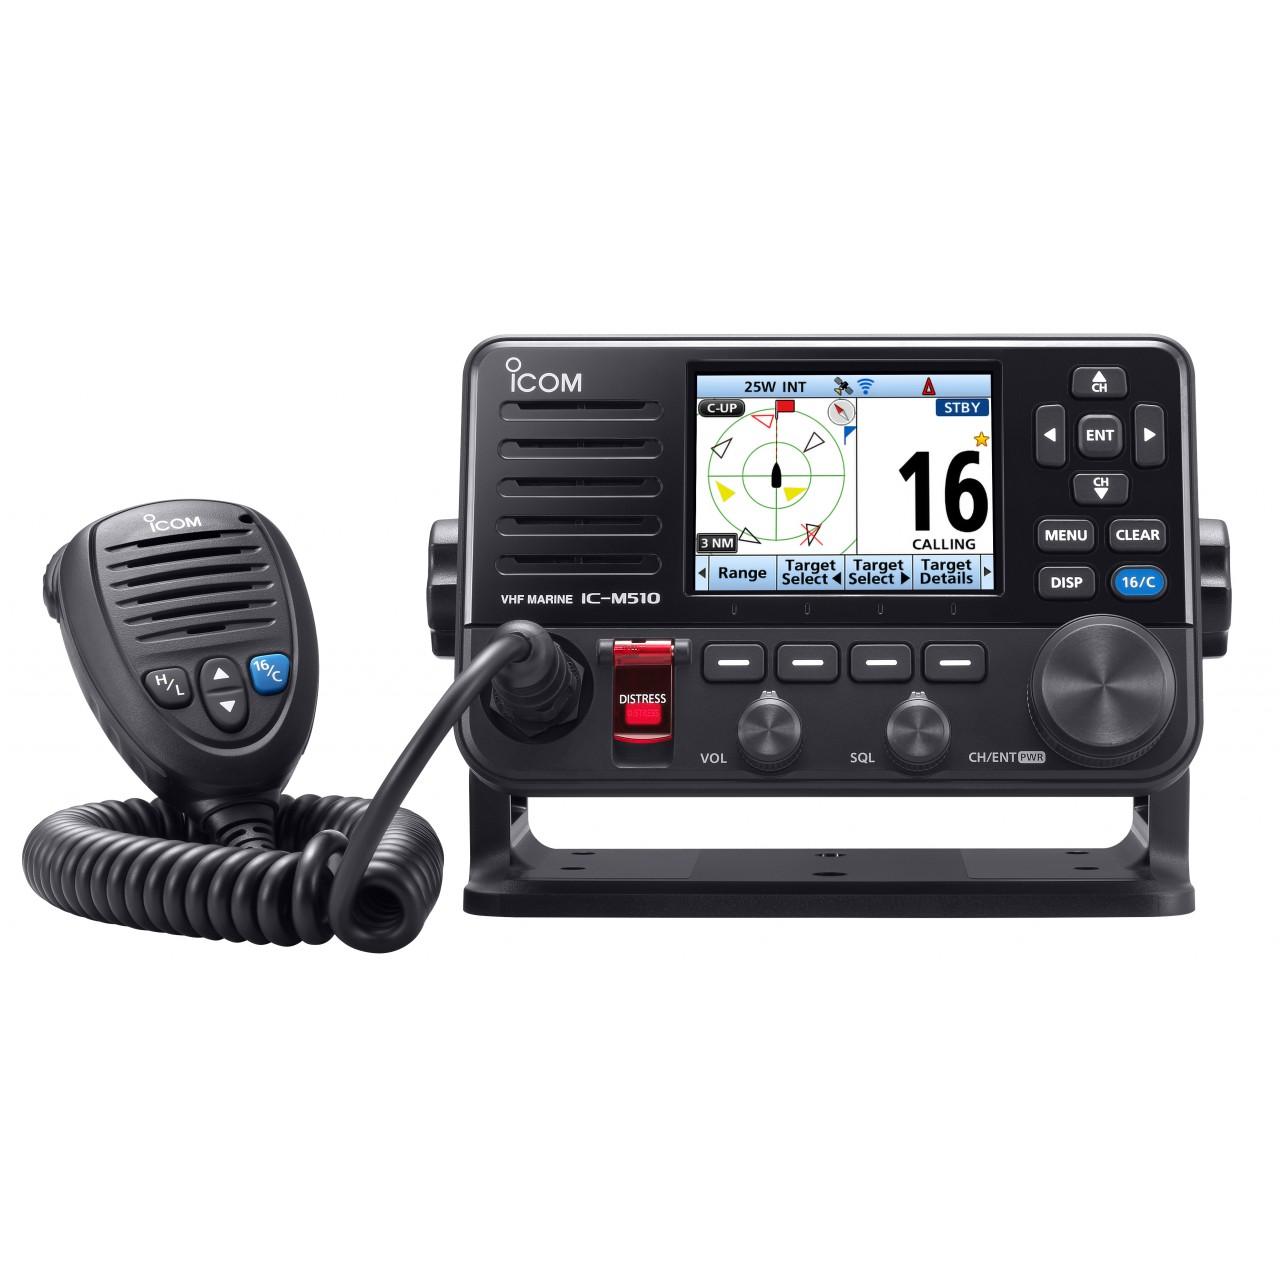 VHF marine IC-M510E